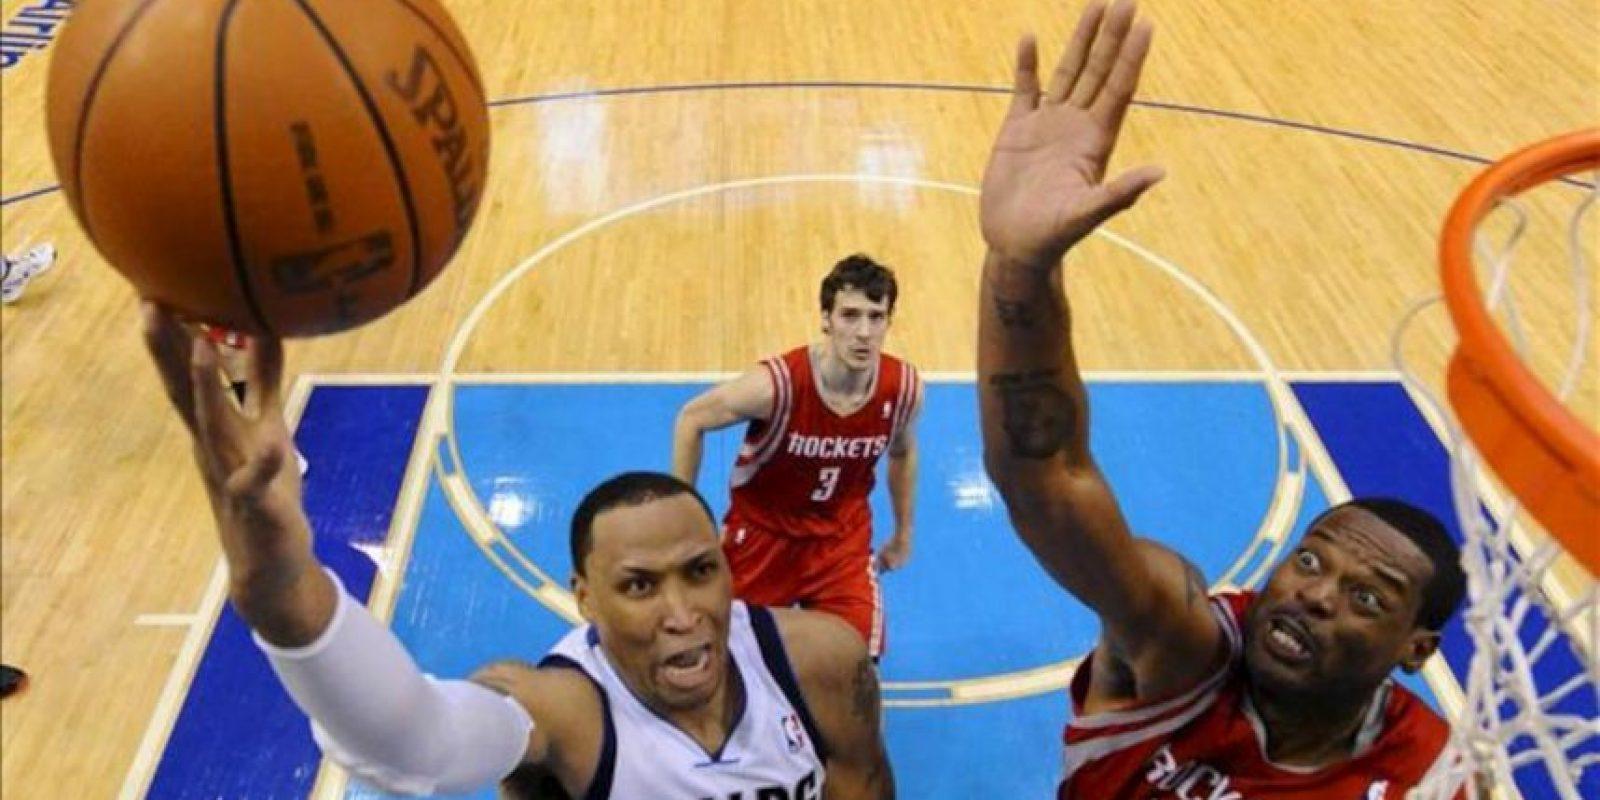 El jugador de los Rockets de Houston Marcus Camby (d) trata de bloquear a Shawn Marion (i) de los Mavericks de Dallas durante el juego de la NBA que se disputó en el American Airlines Center de Dallas, Texas (EEUU). EFE